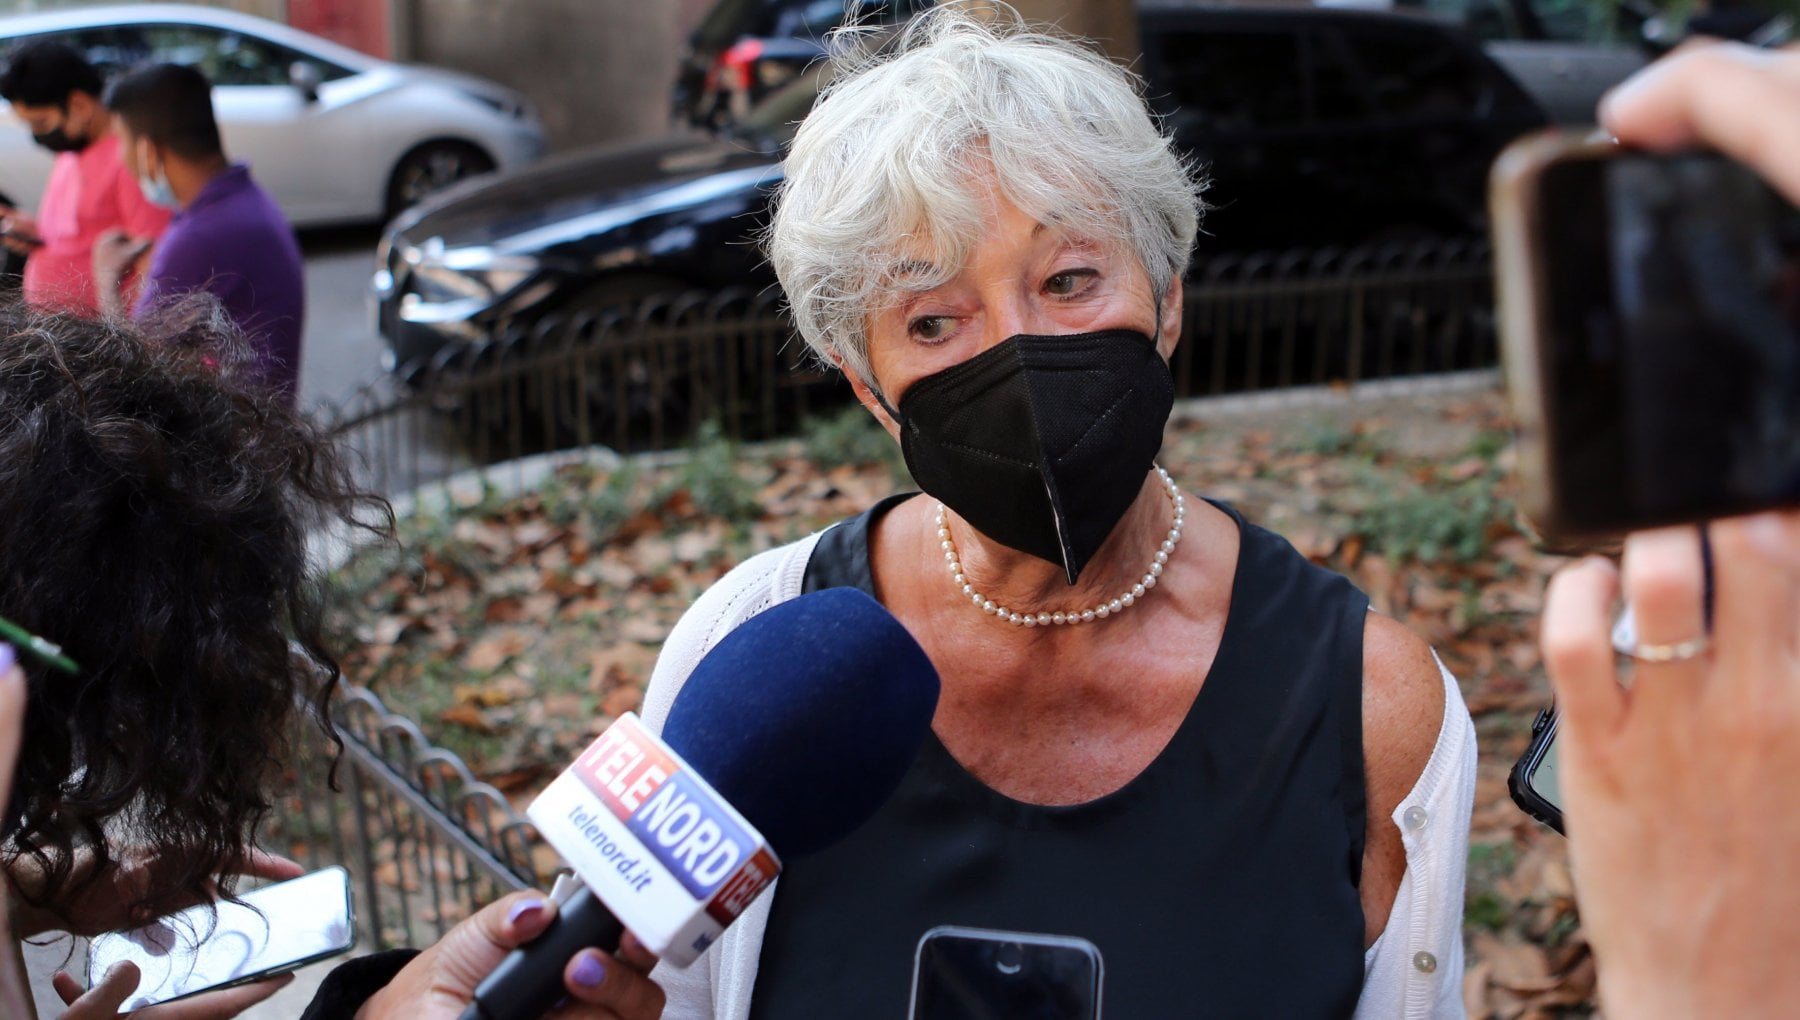 123208406 b363de20 399e 4eb7 bd08 9df1afad6bf1 - Alluvione di Genova, la presidente del tribunale di Sorveglianza si astiene sui servizi sociali all'ex sindaca, perchè il negozio della madre aveva subito danni